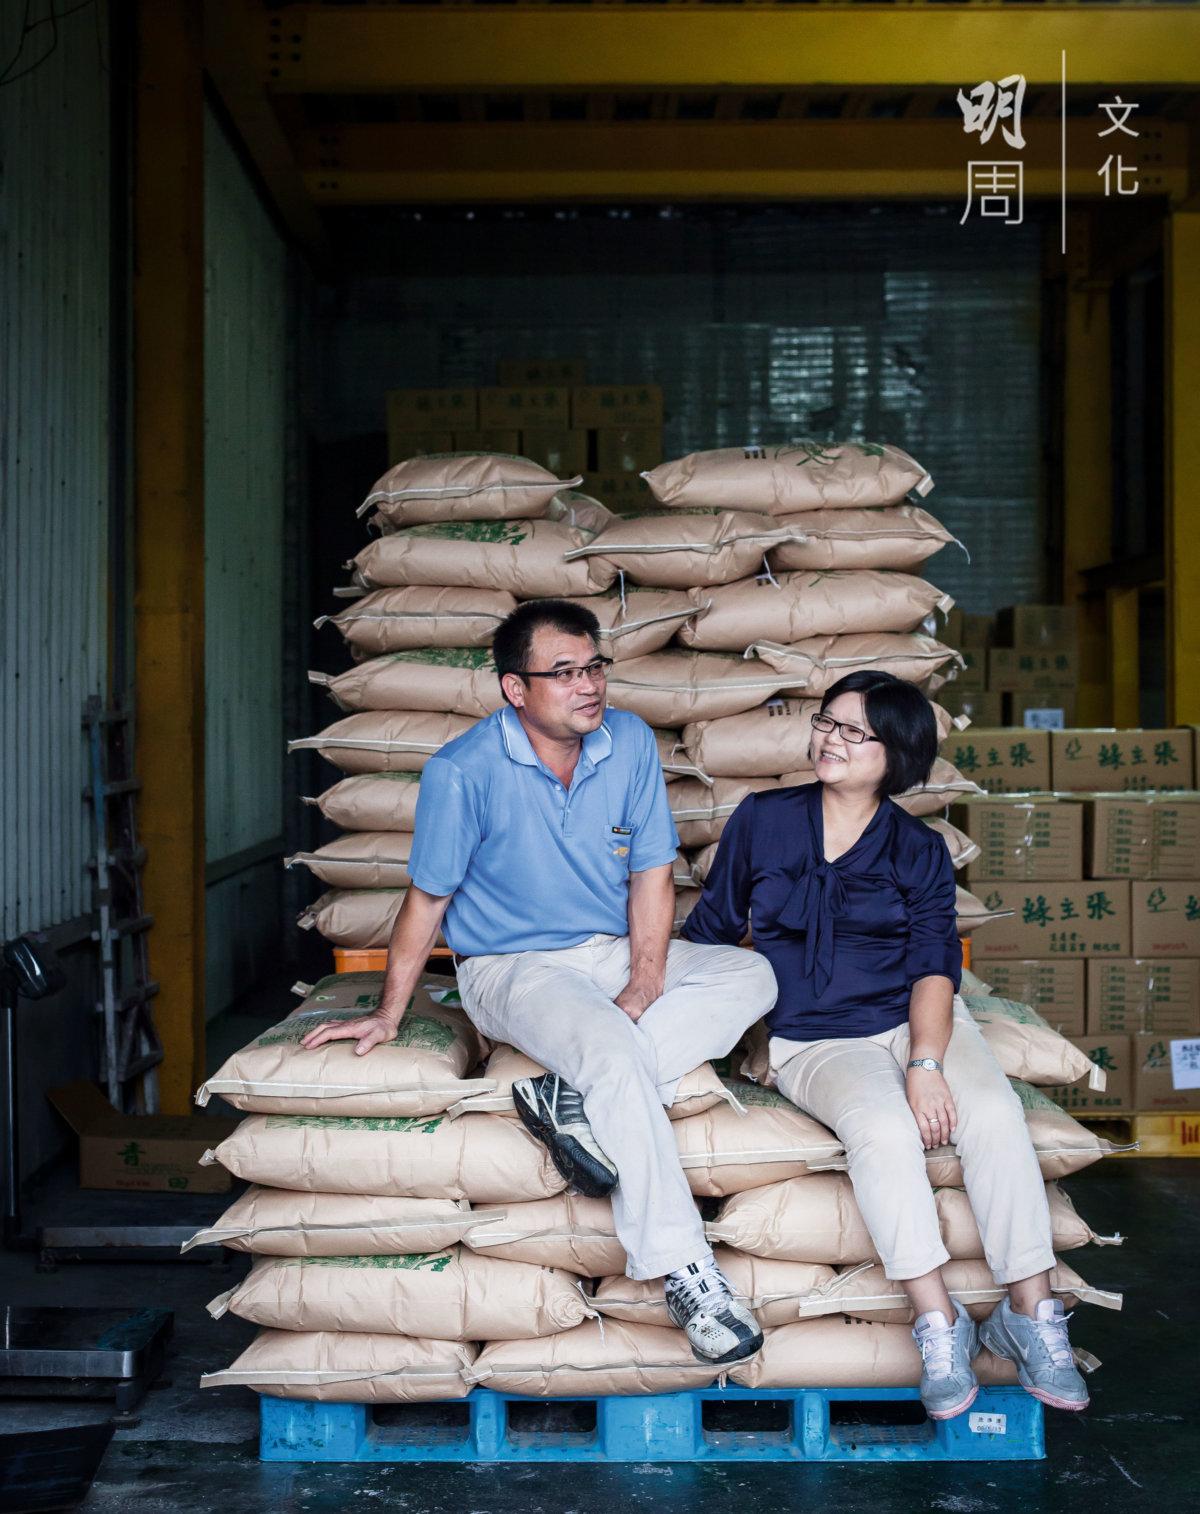 經營台灣最大的有機農 場,賴兆炫和梁美智夫 婦着眼的不只是稻田, 還有生態。